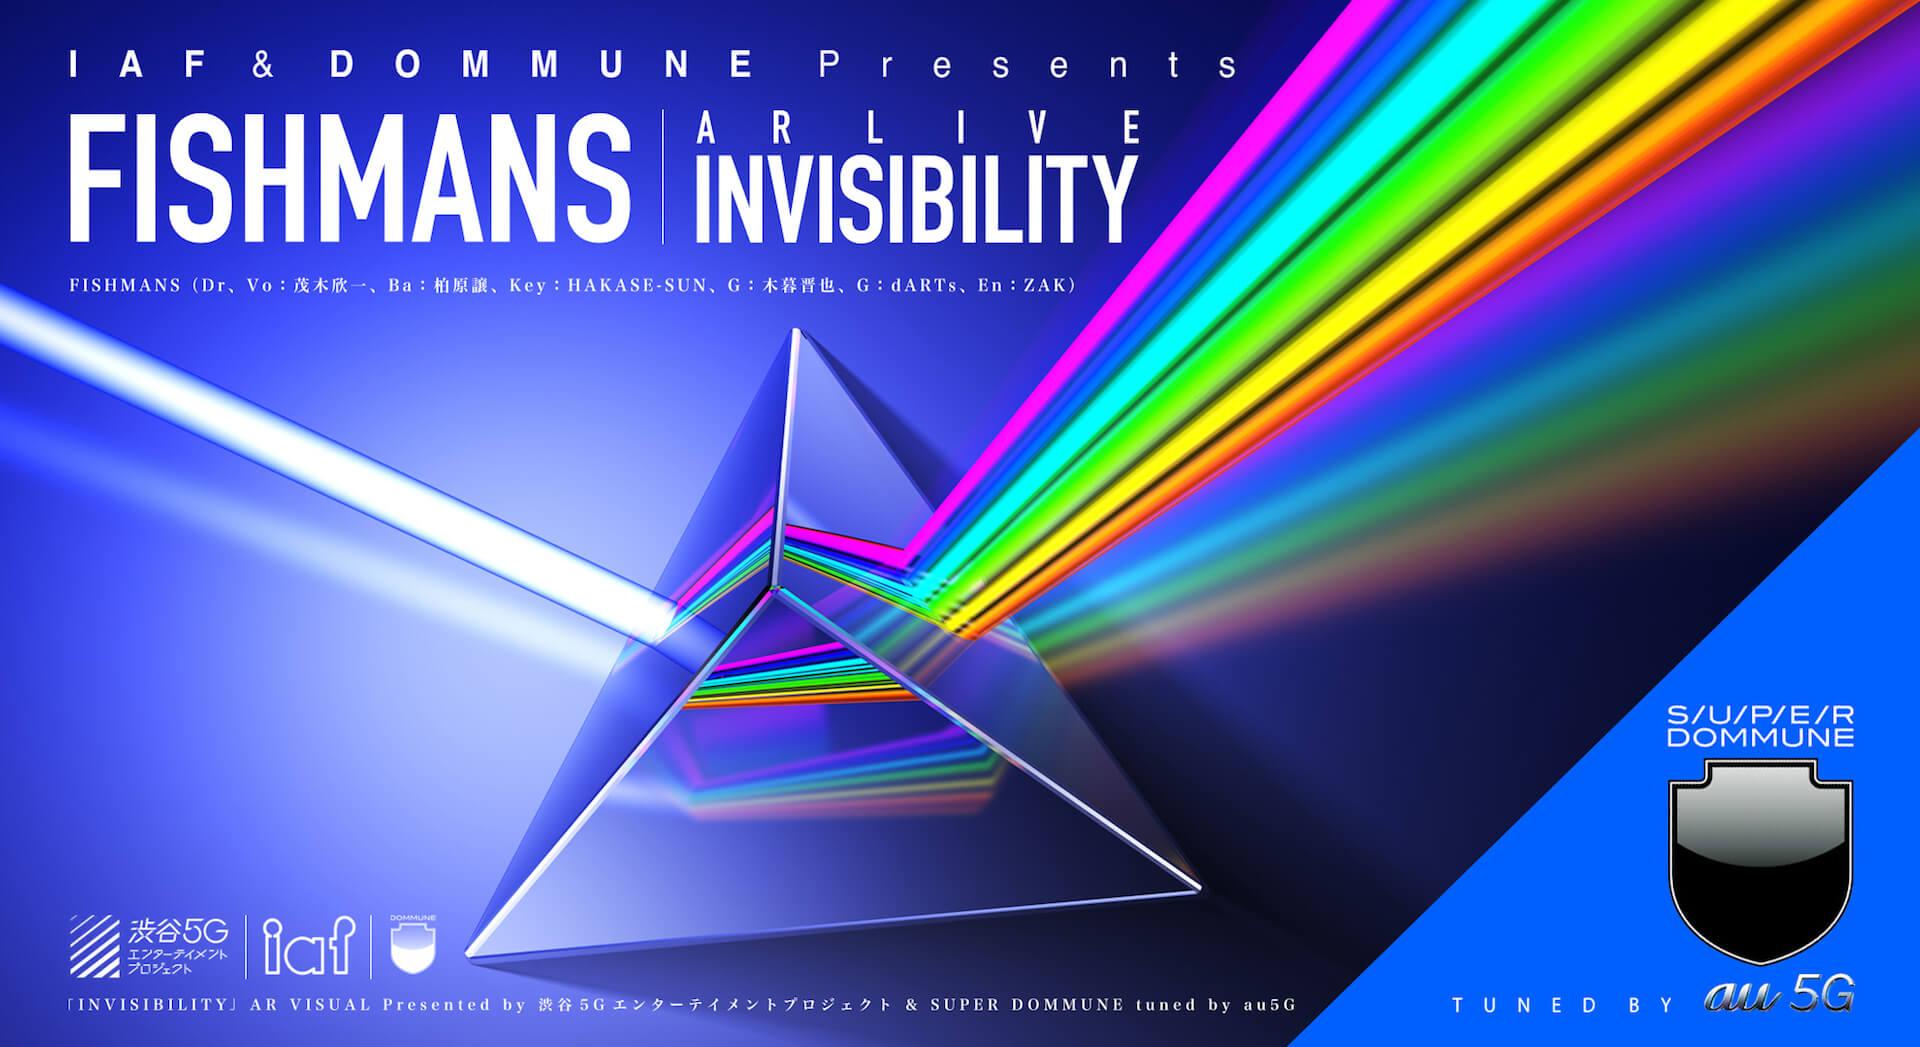 フィッシュマンズがSUPER DOMMUNEで最先端ARライブを披露!物理学者2名参加のトークセッションも同日配信 music200610_dommune_fishmans_1